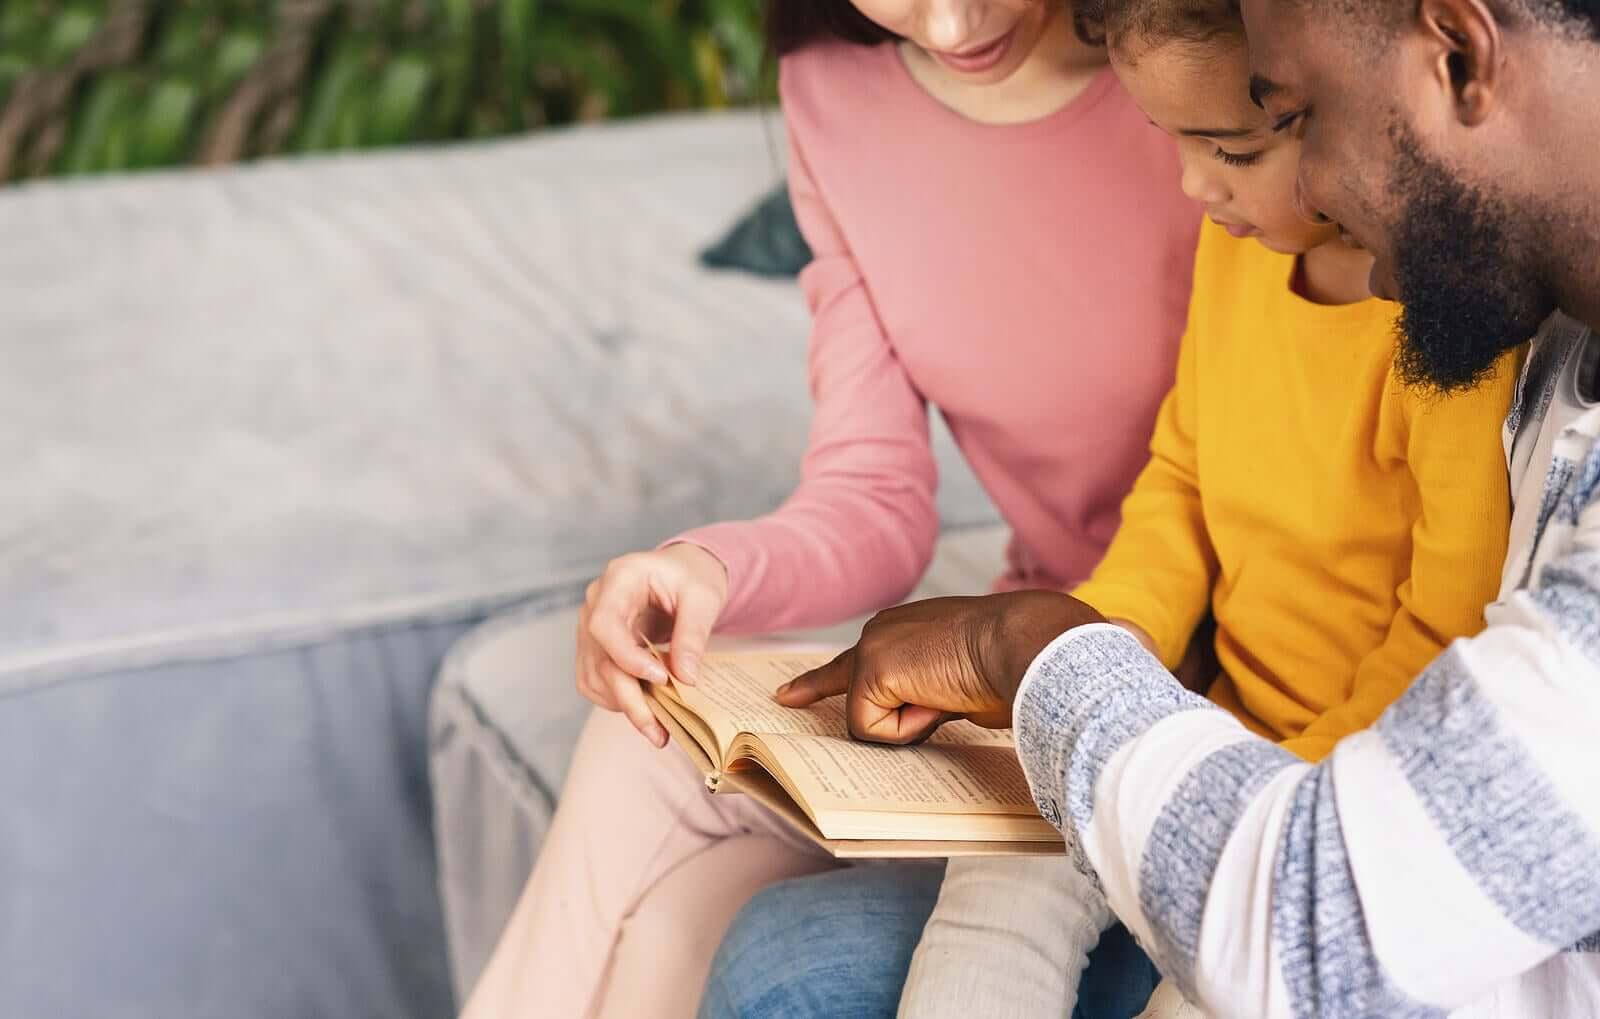 çocukları ile yüksek sesle kitap okuyan anne ve baba